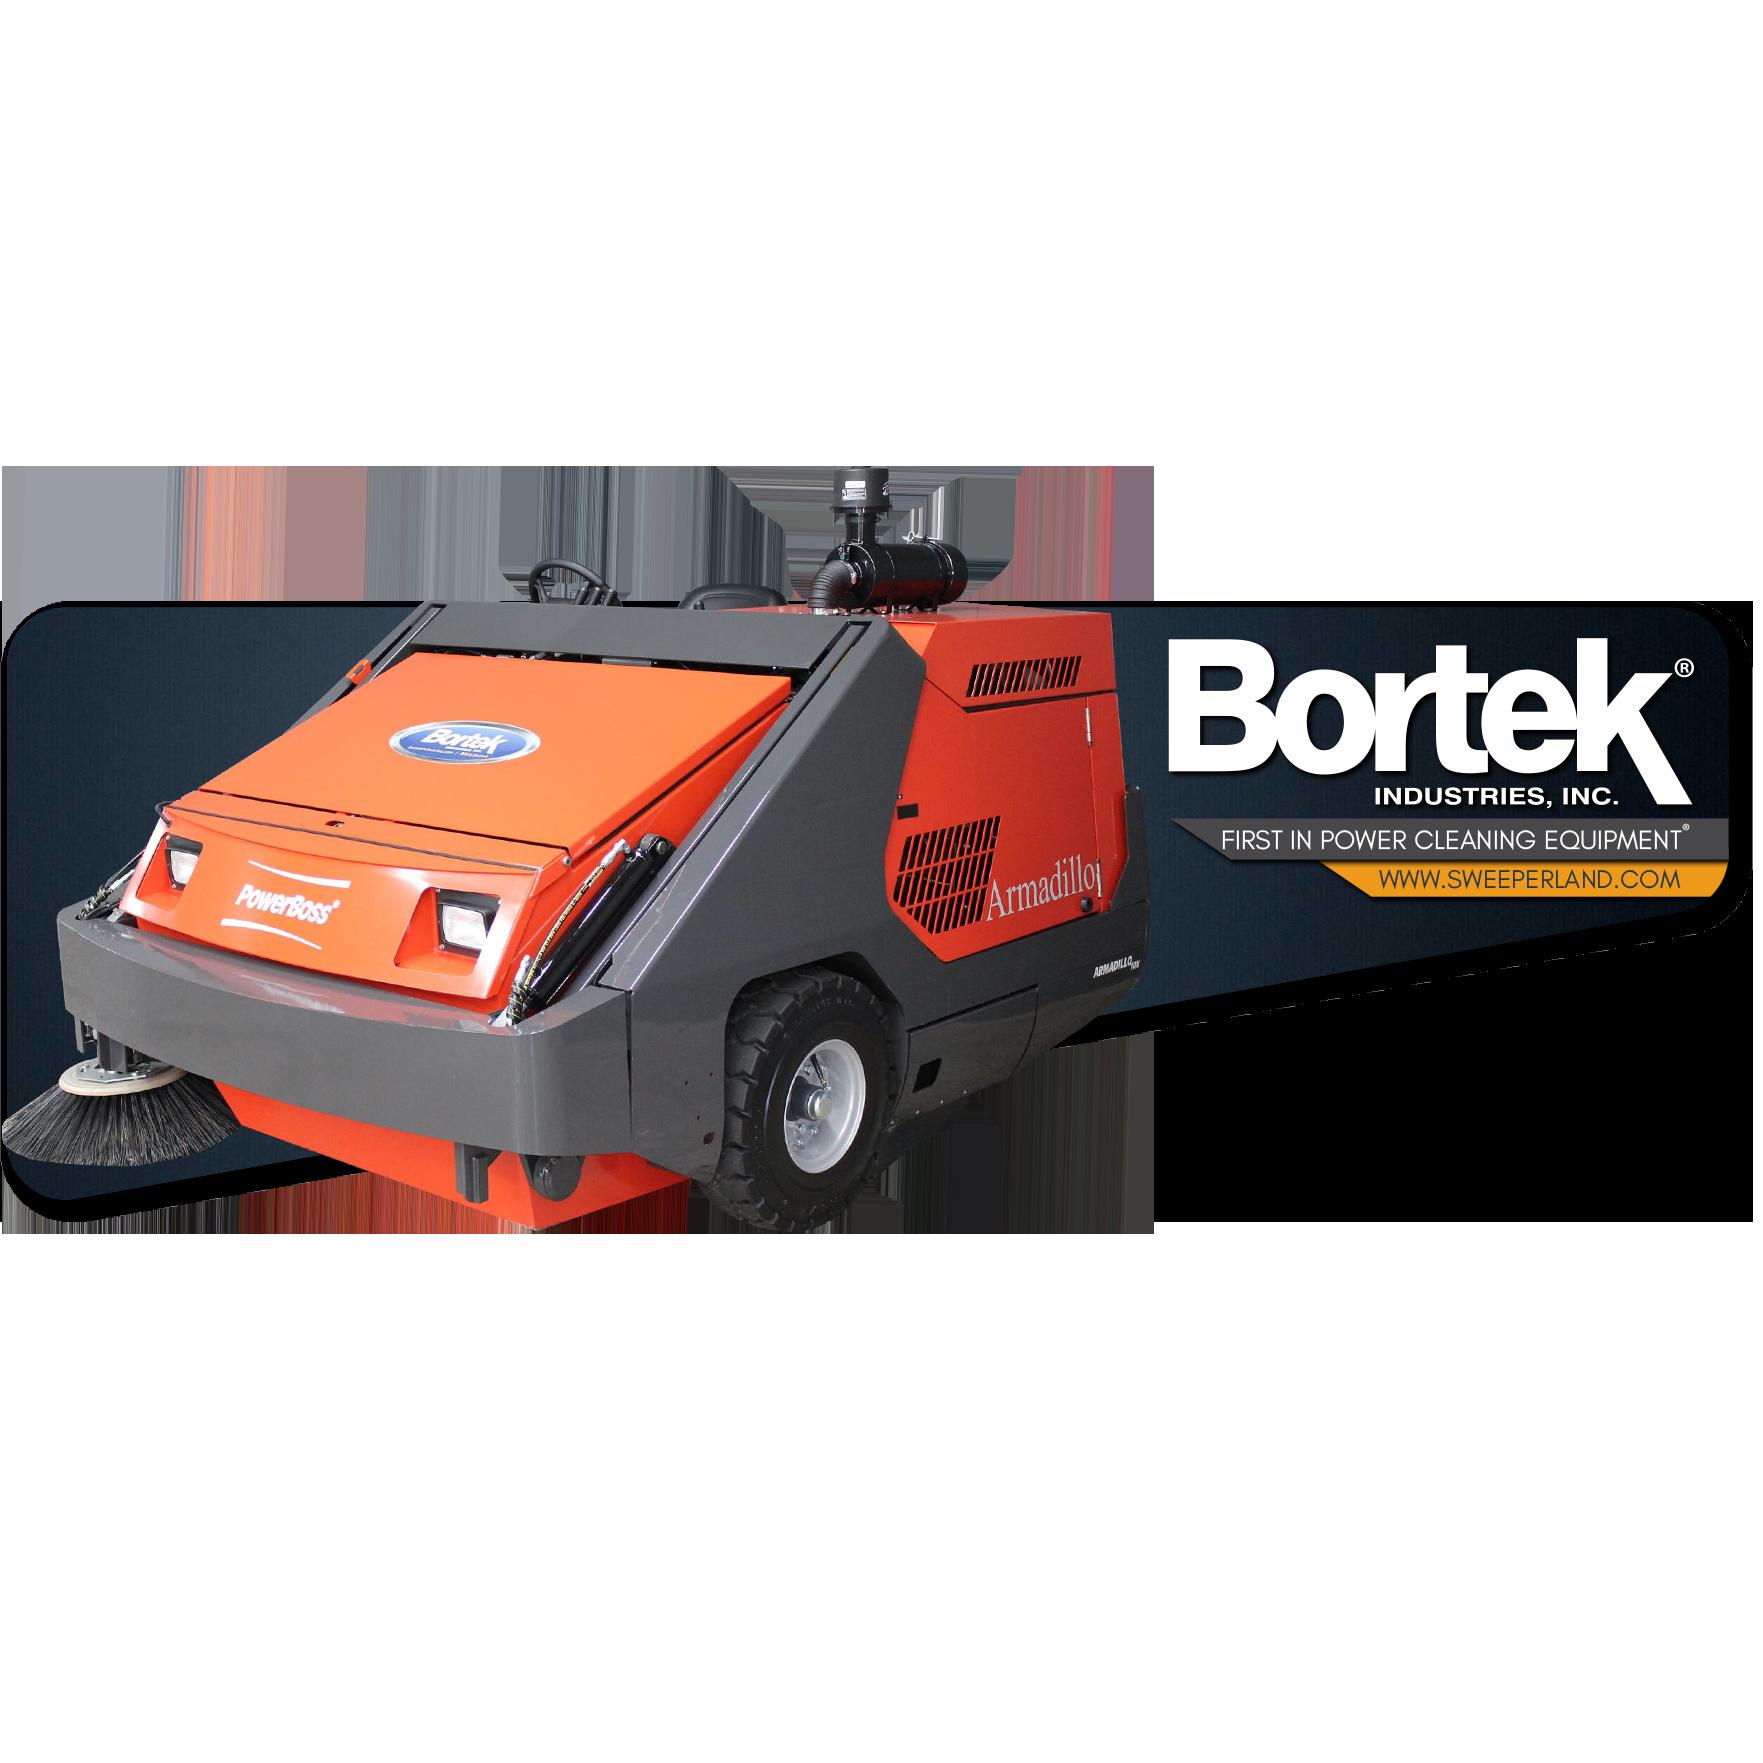 Powerboss Armadillo 10x Floor Sweeper Bortek Industries Inc Floor Sweepers Port Authority Flooring